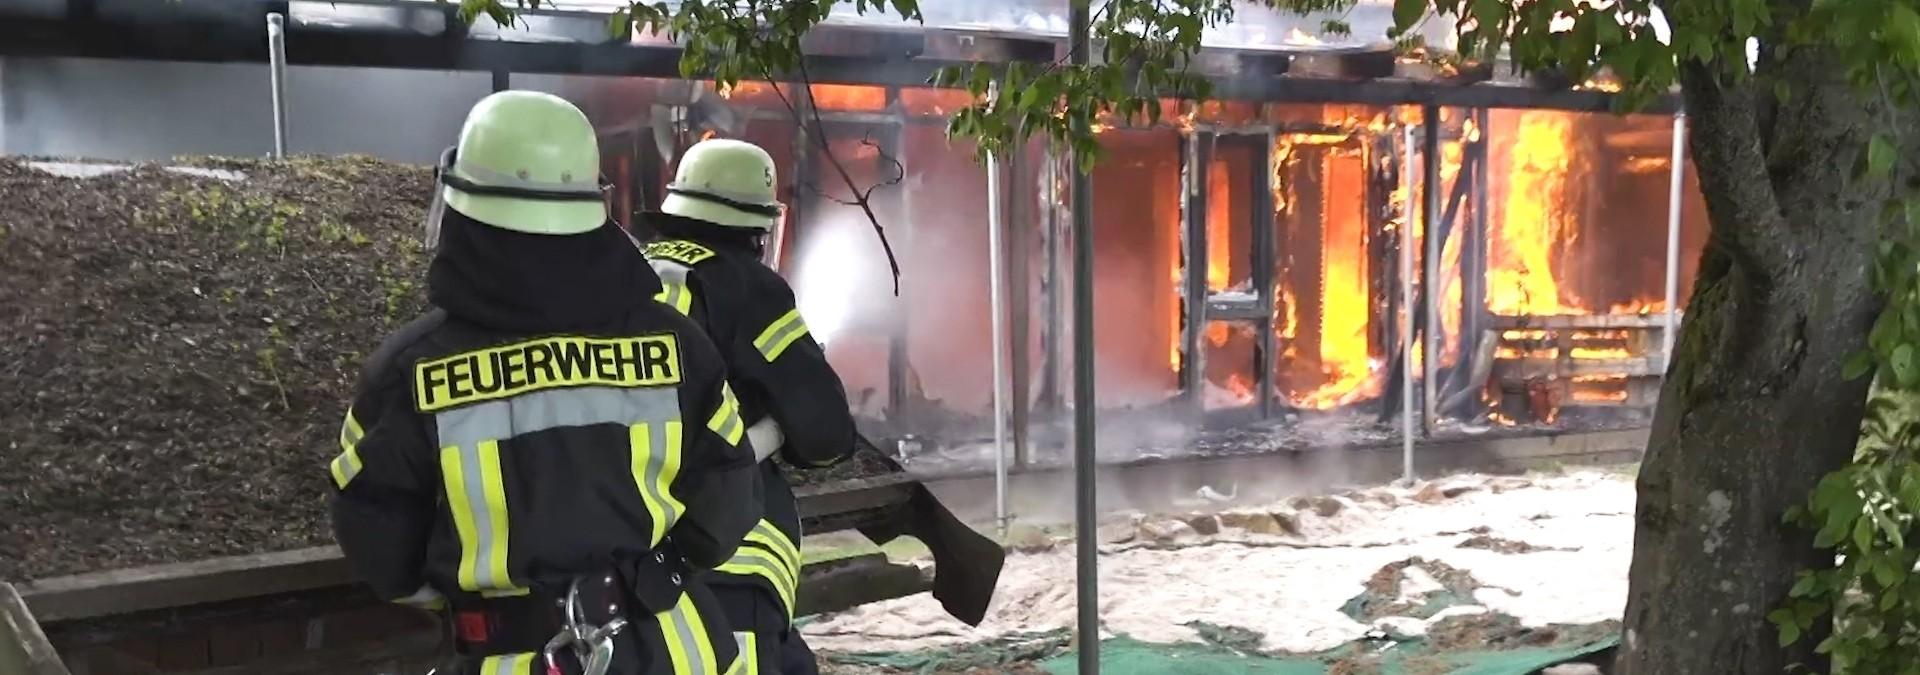 Kindergarten brennt komplett nieder